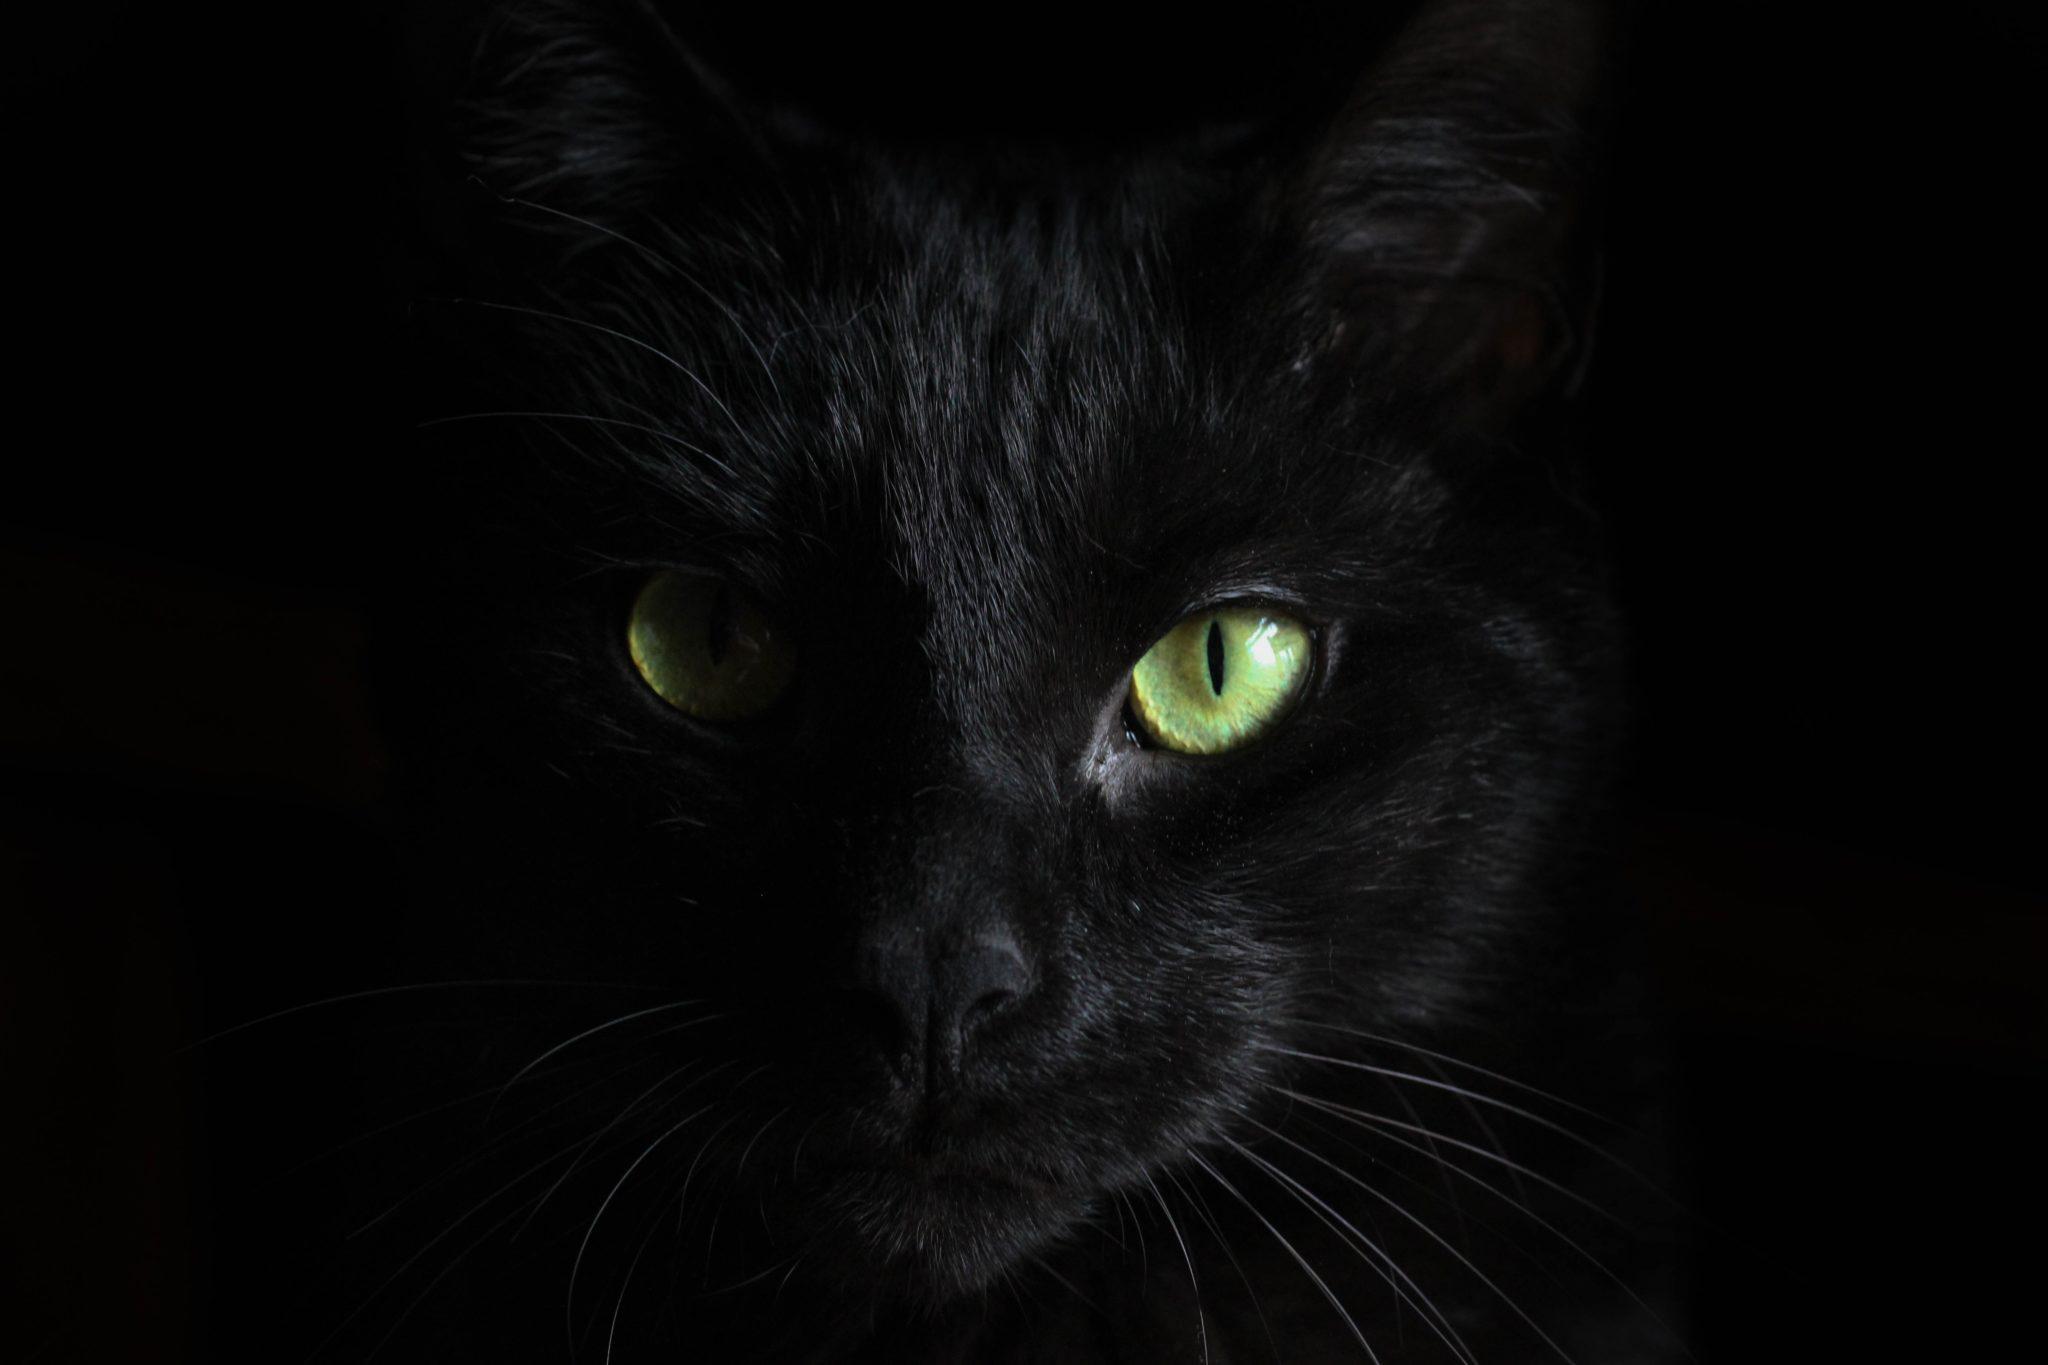 Pysk czarnego kota z zielonymi oczami pokazany na czarnym tle